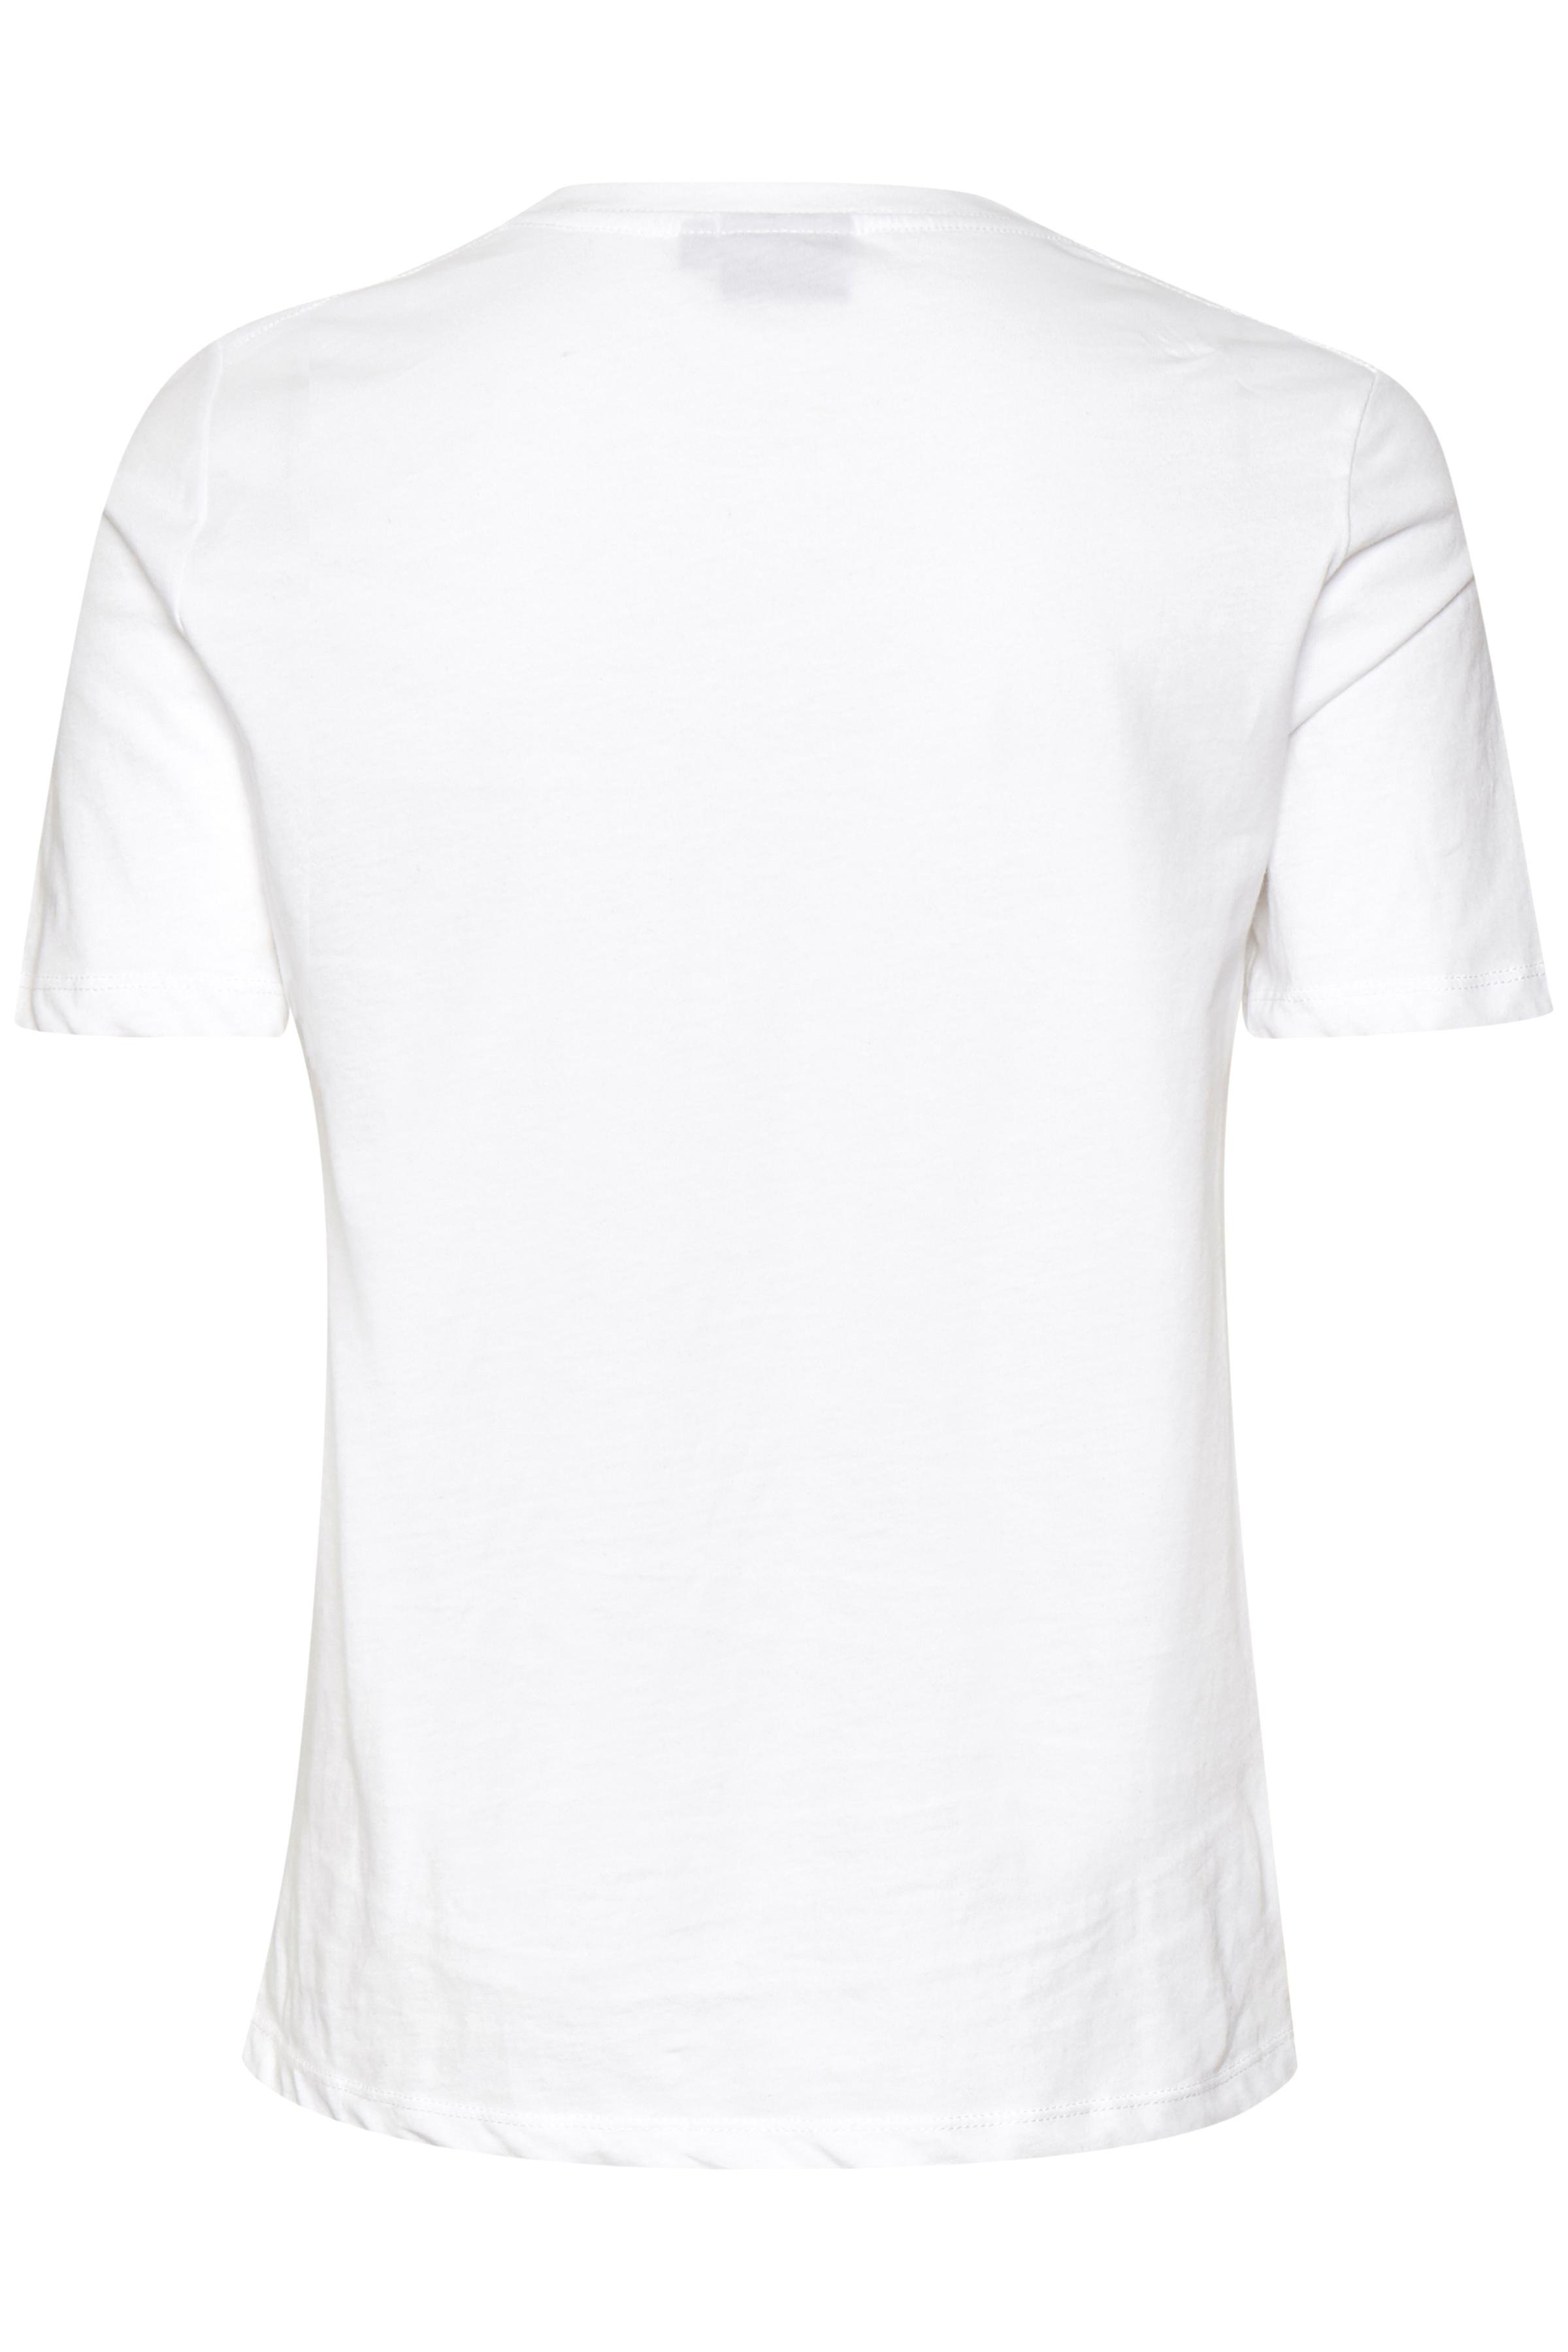 Weiß/rot T-shirt von b.young – Kaufen Sie Weiß/rot T-shirt aus Größe XS-XXL hier